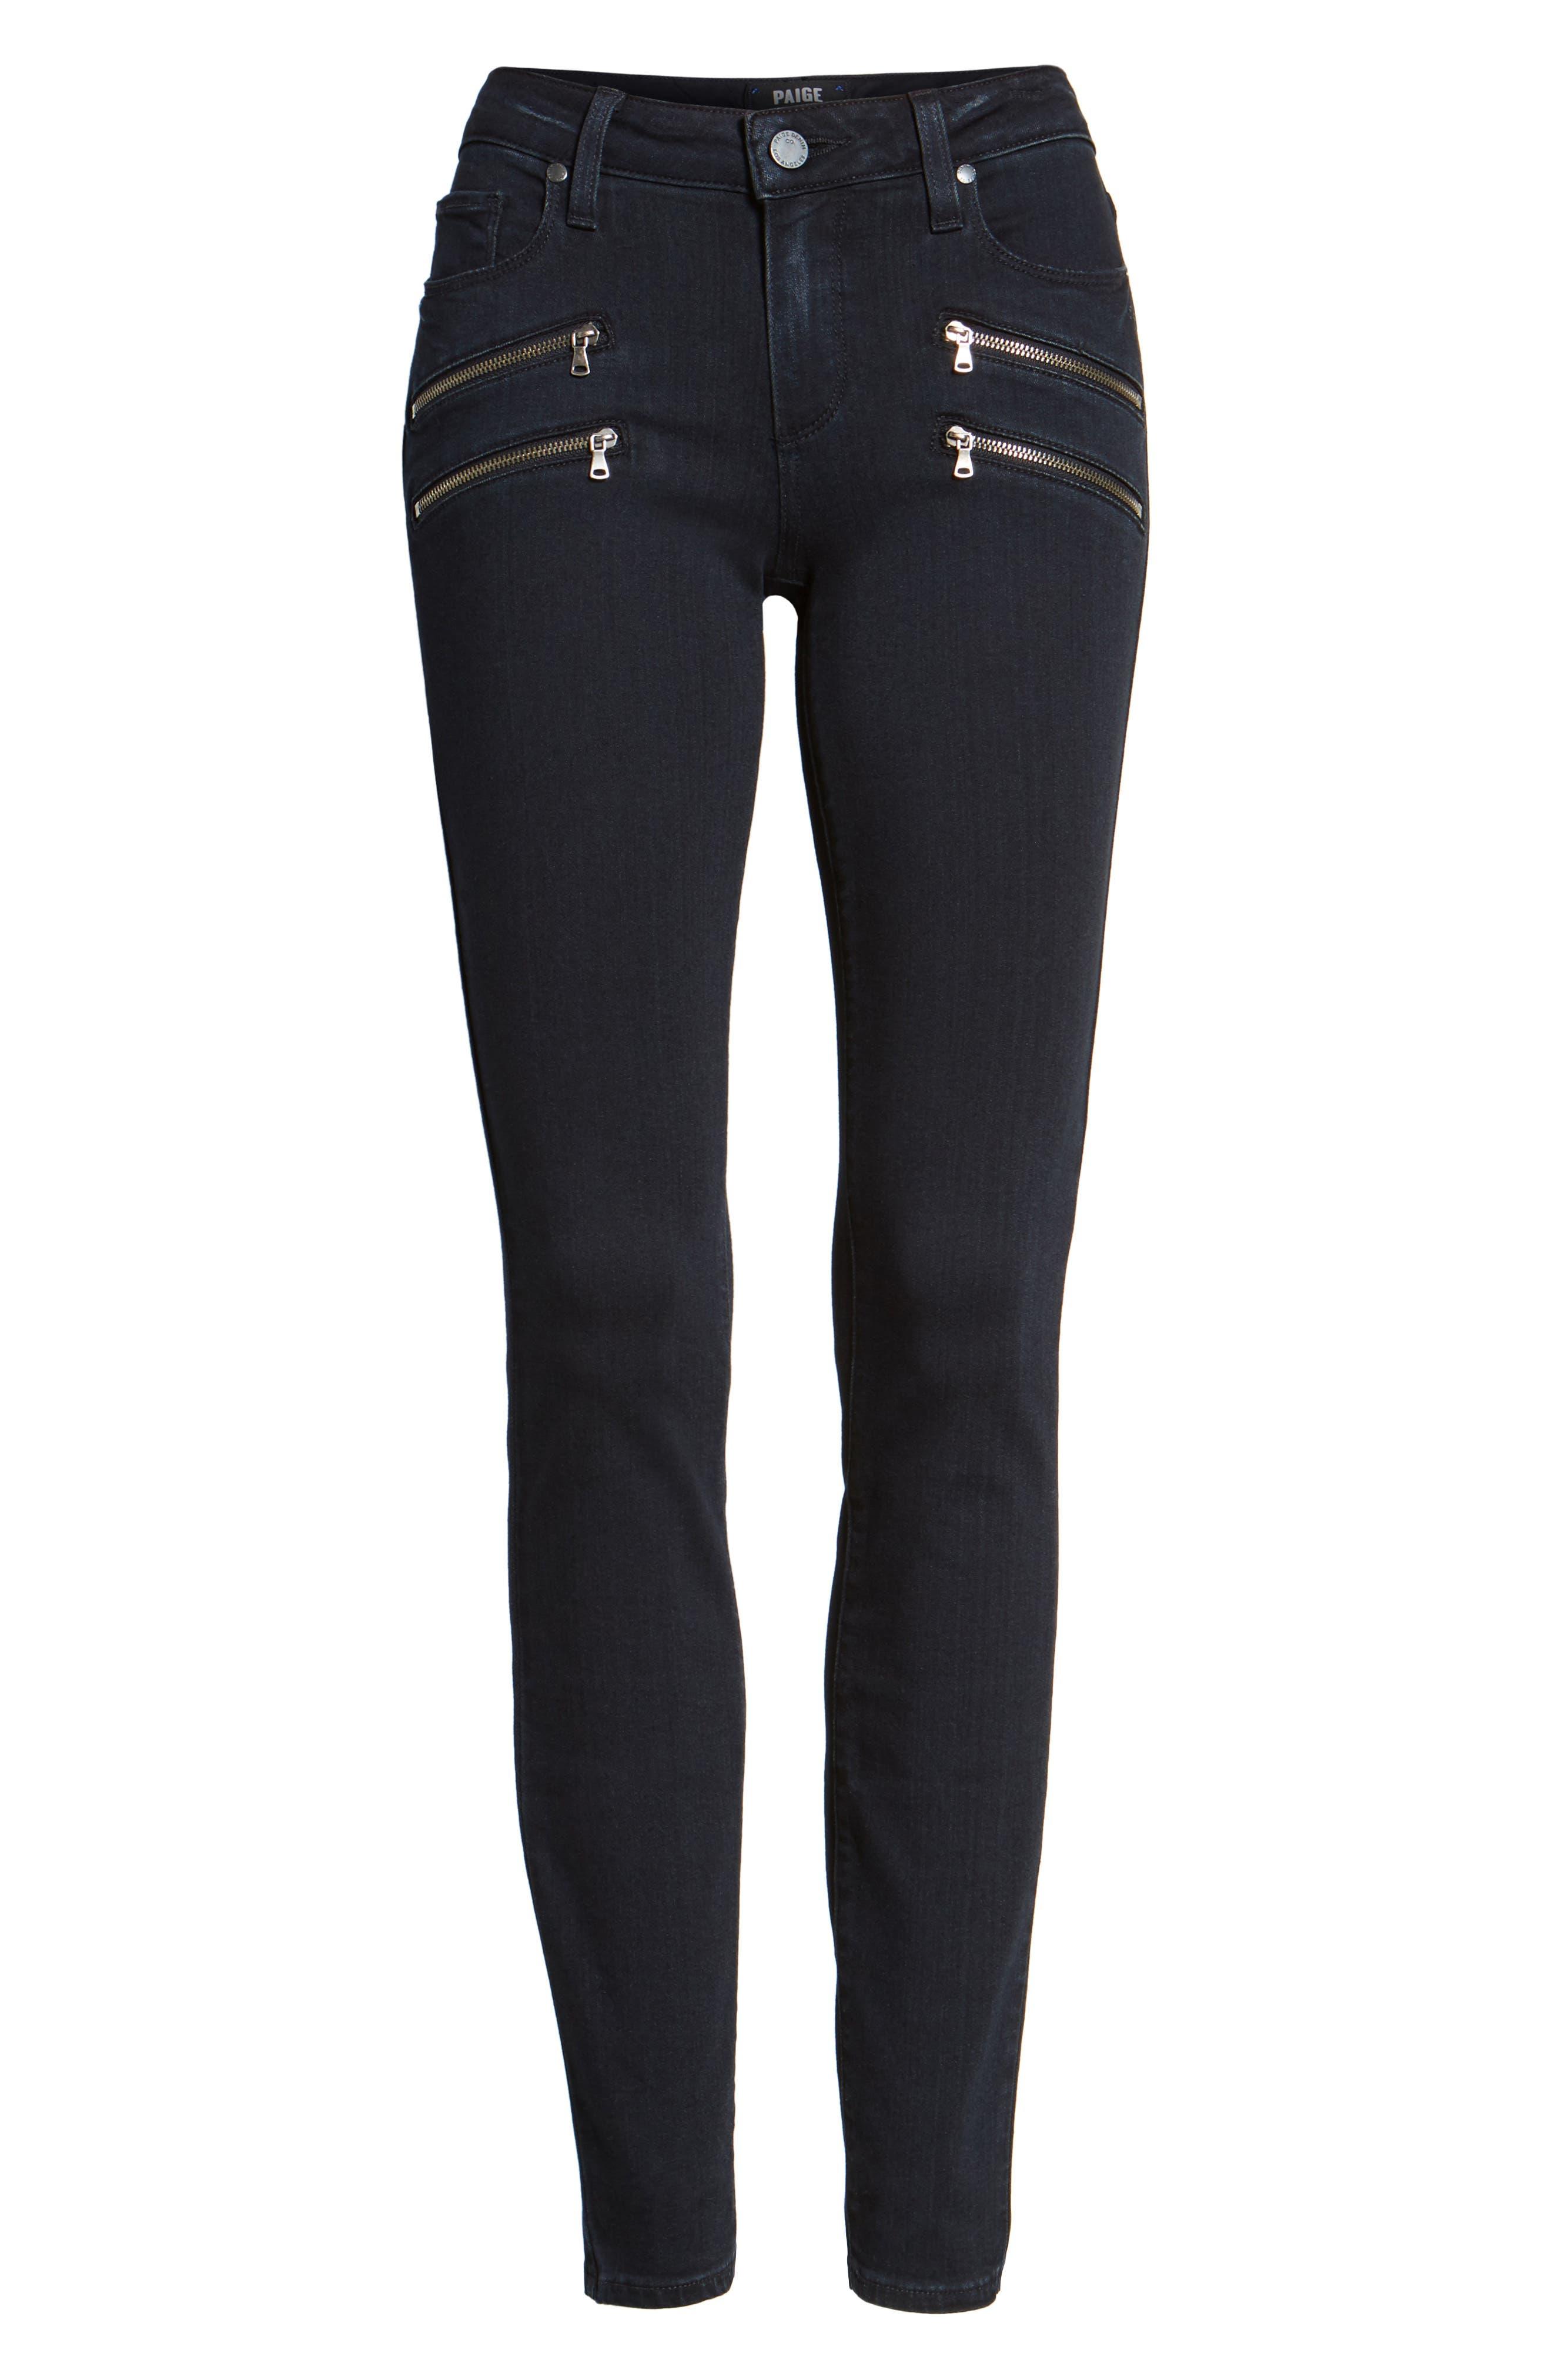 Transcend - Edgemont Ultra Skinny Jeans,                             Alternate thumbnail 6, color,                             400